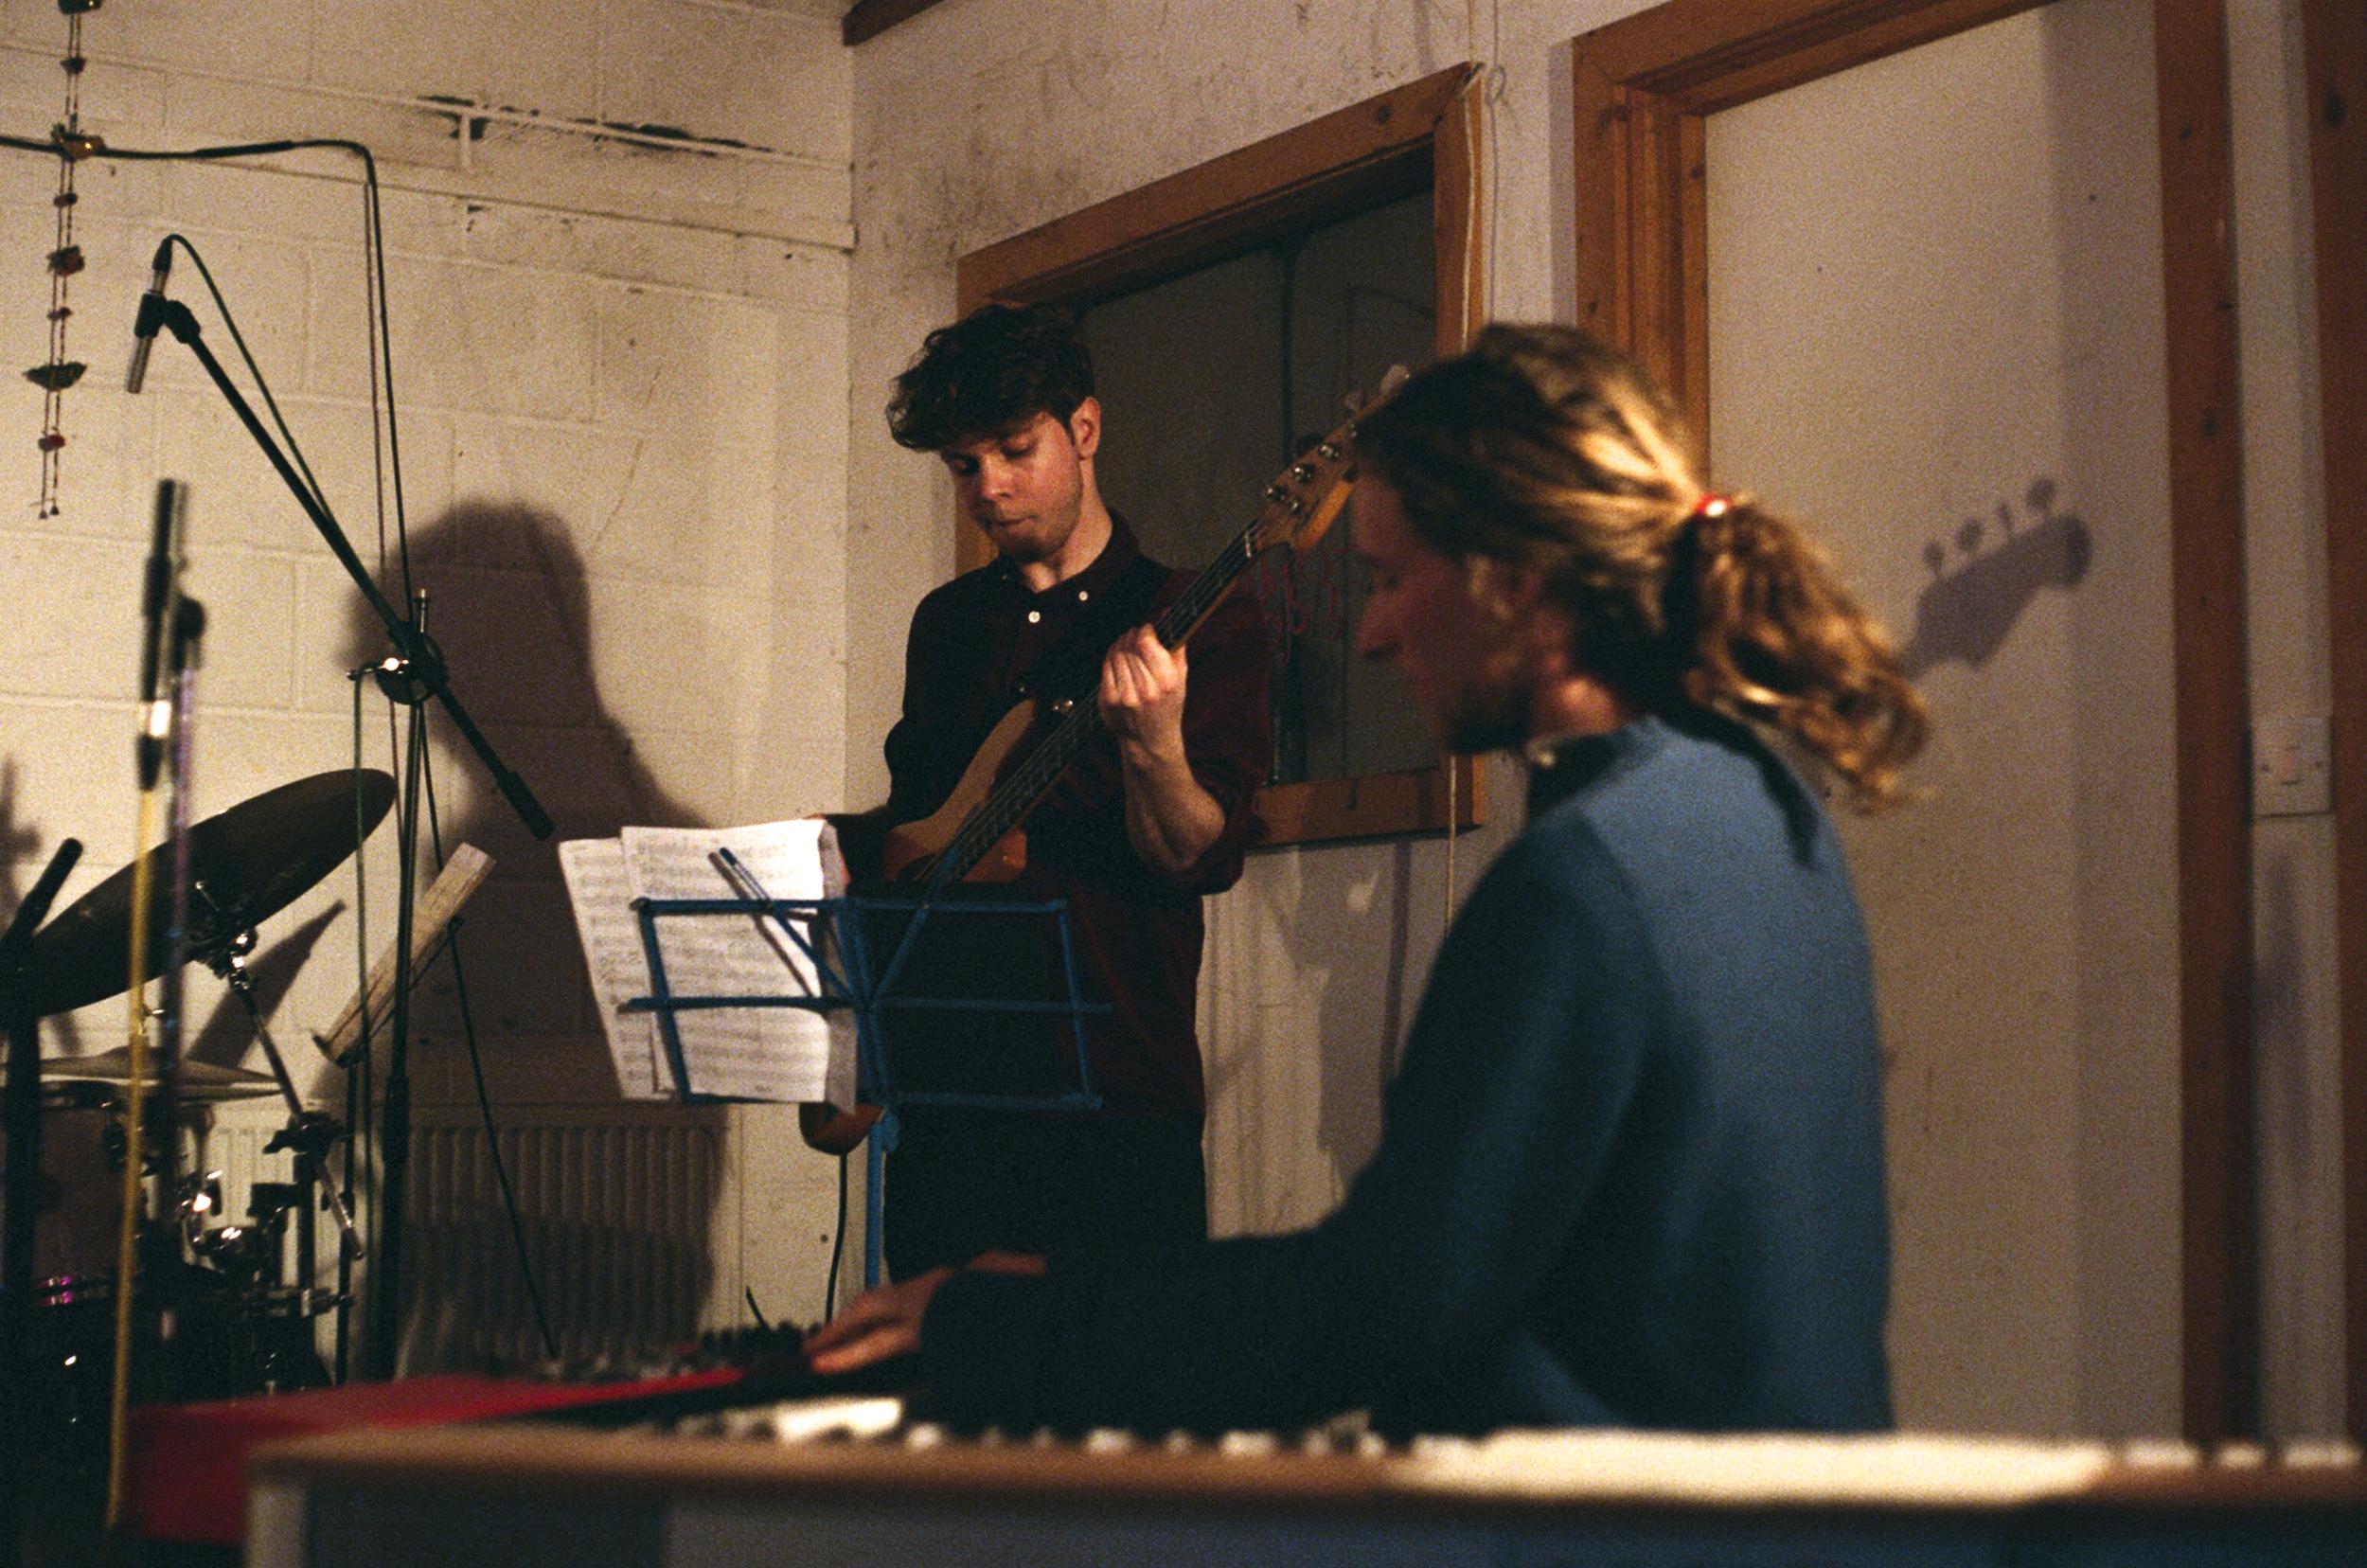 AVC_Trio_Gig_Feb007.jpg